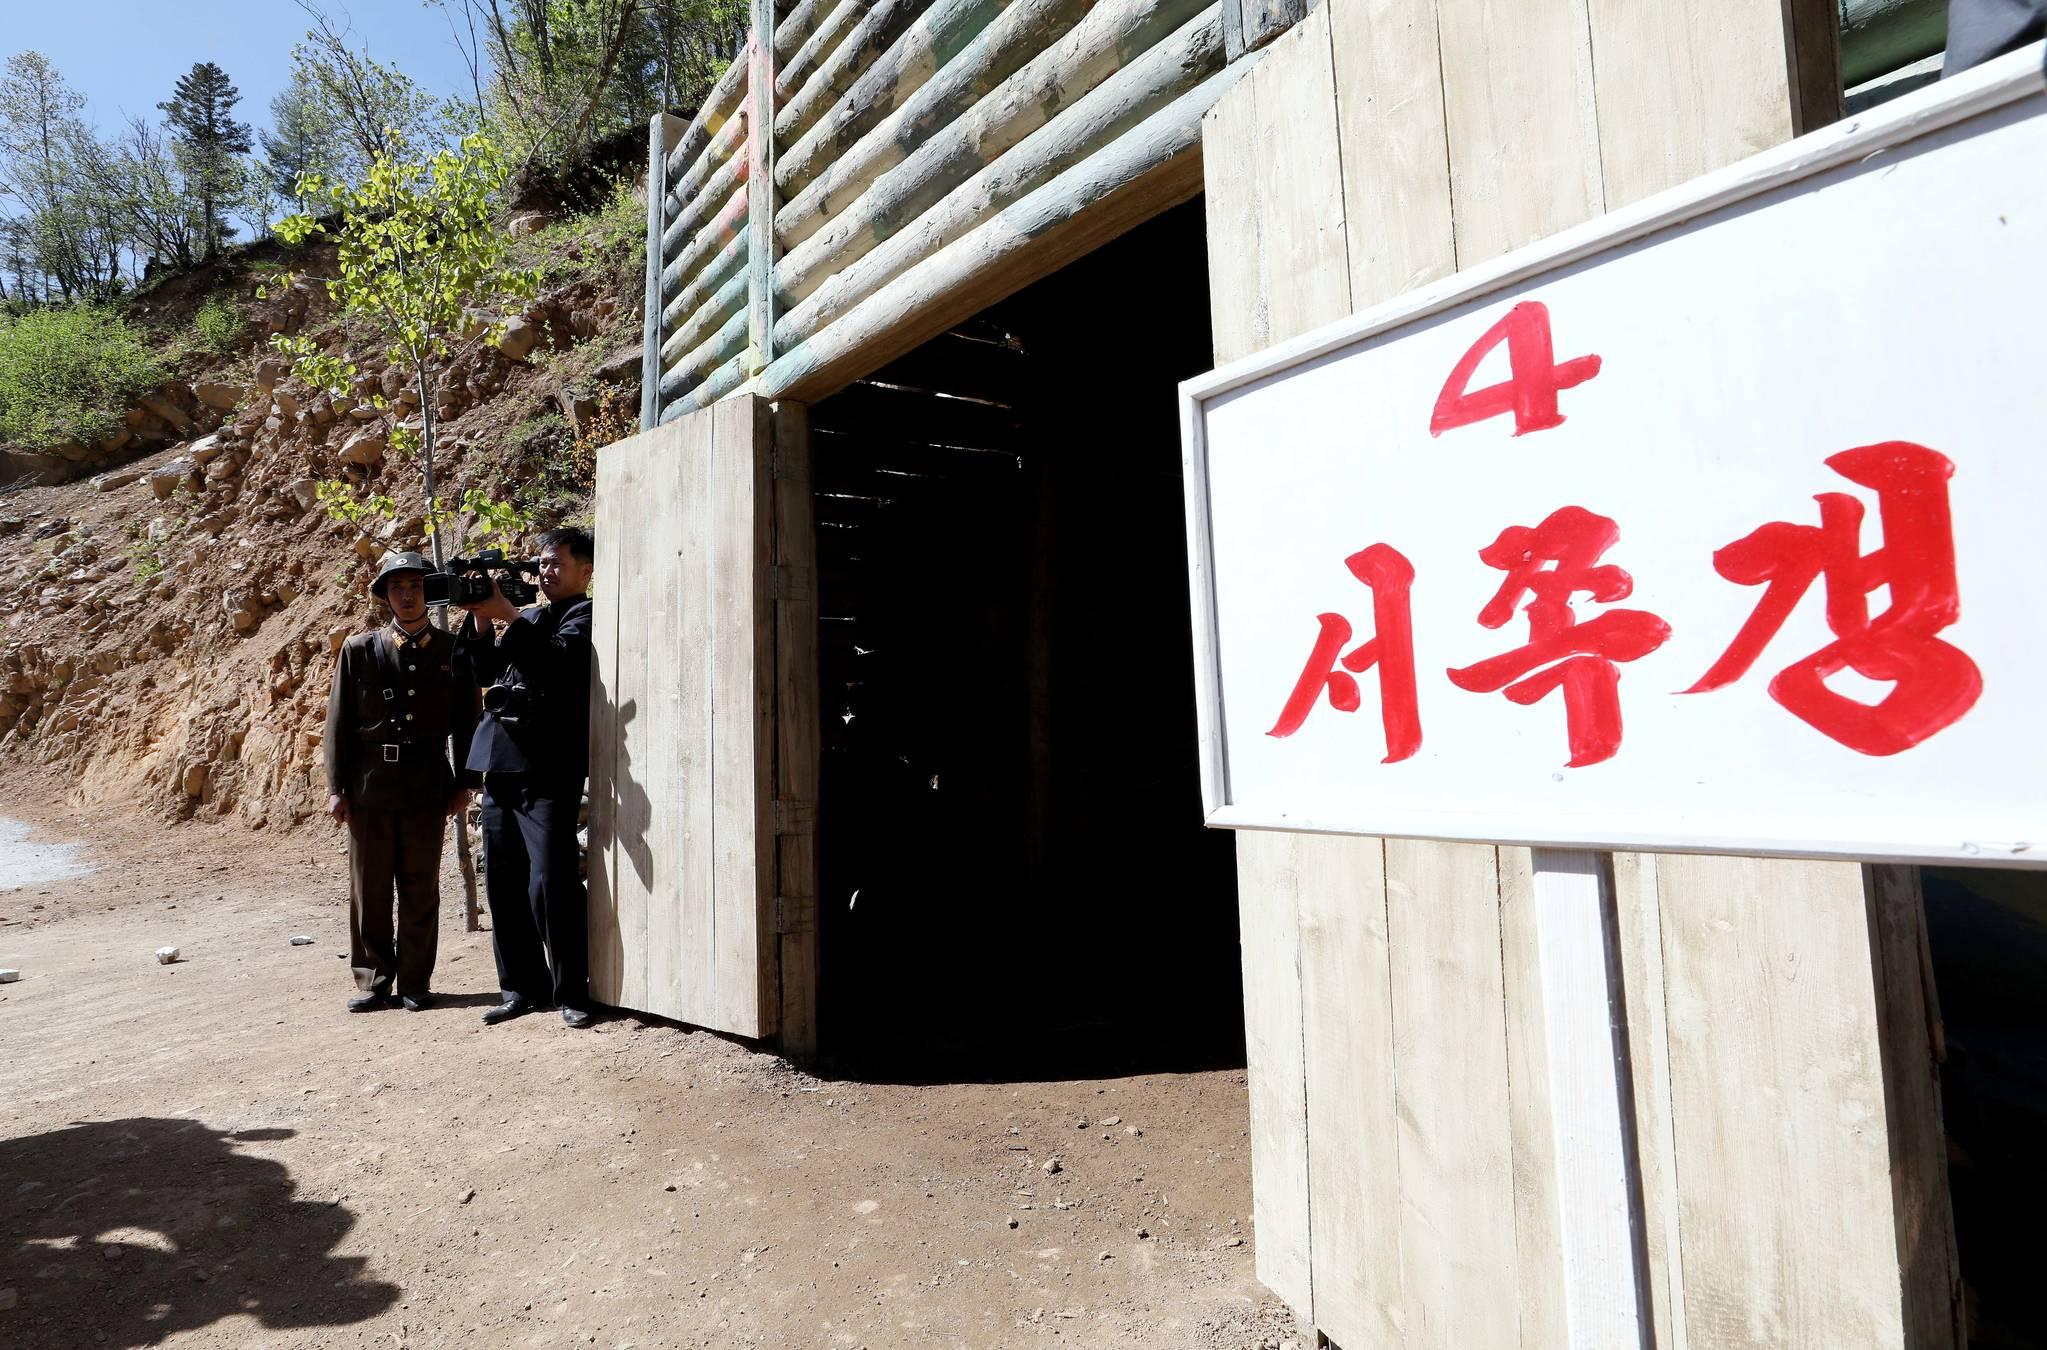 폭파를 앞둔 4번 서쪽 갱도. 사진공동취재단